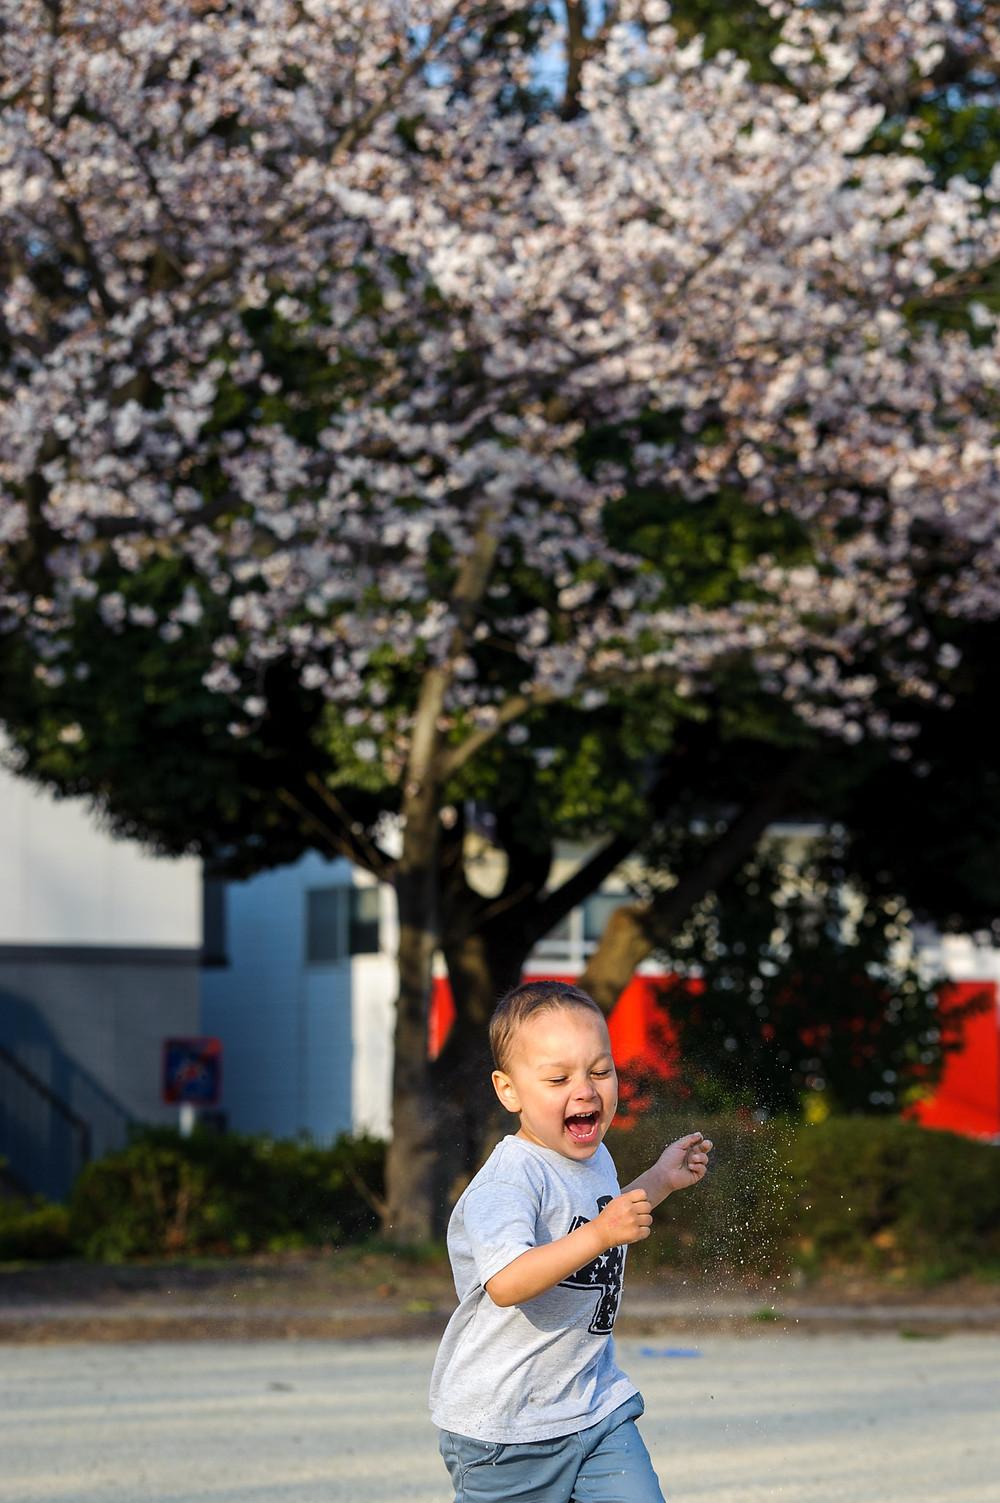 Braxton runs in front of the sakura